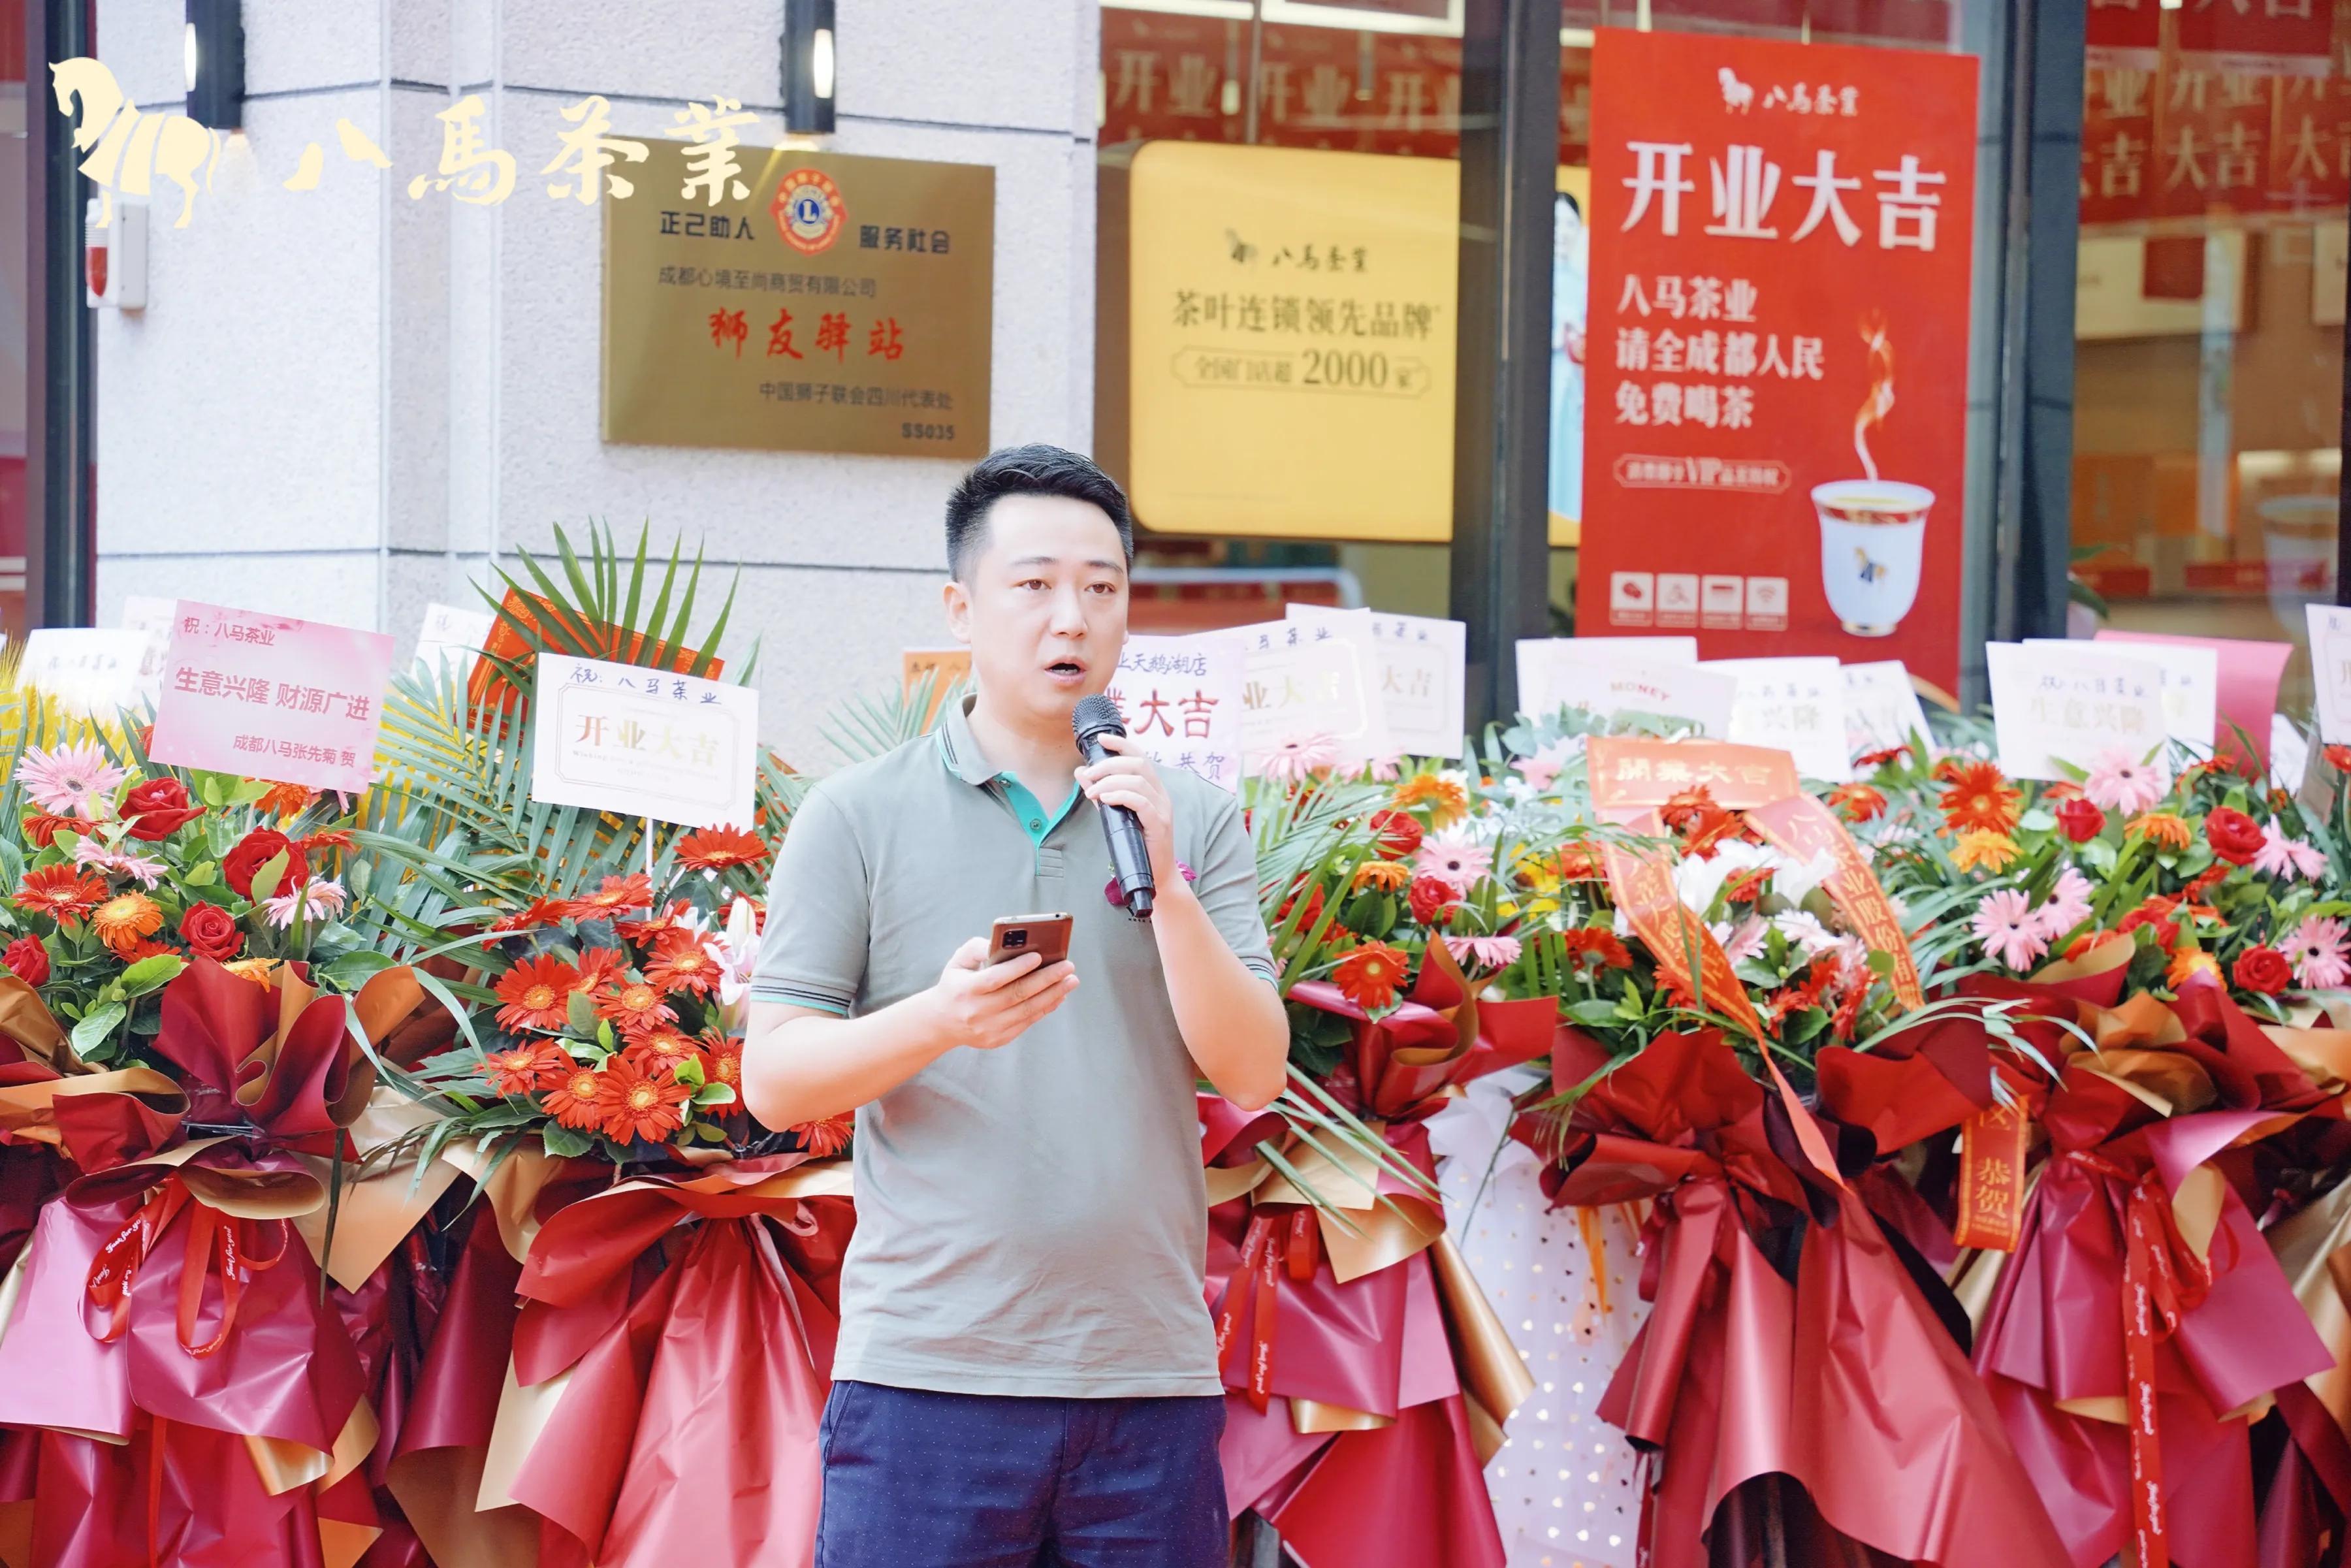 八马茶业闪耀蓉城 邀你品味传承近300年的历史